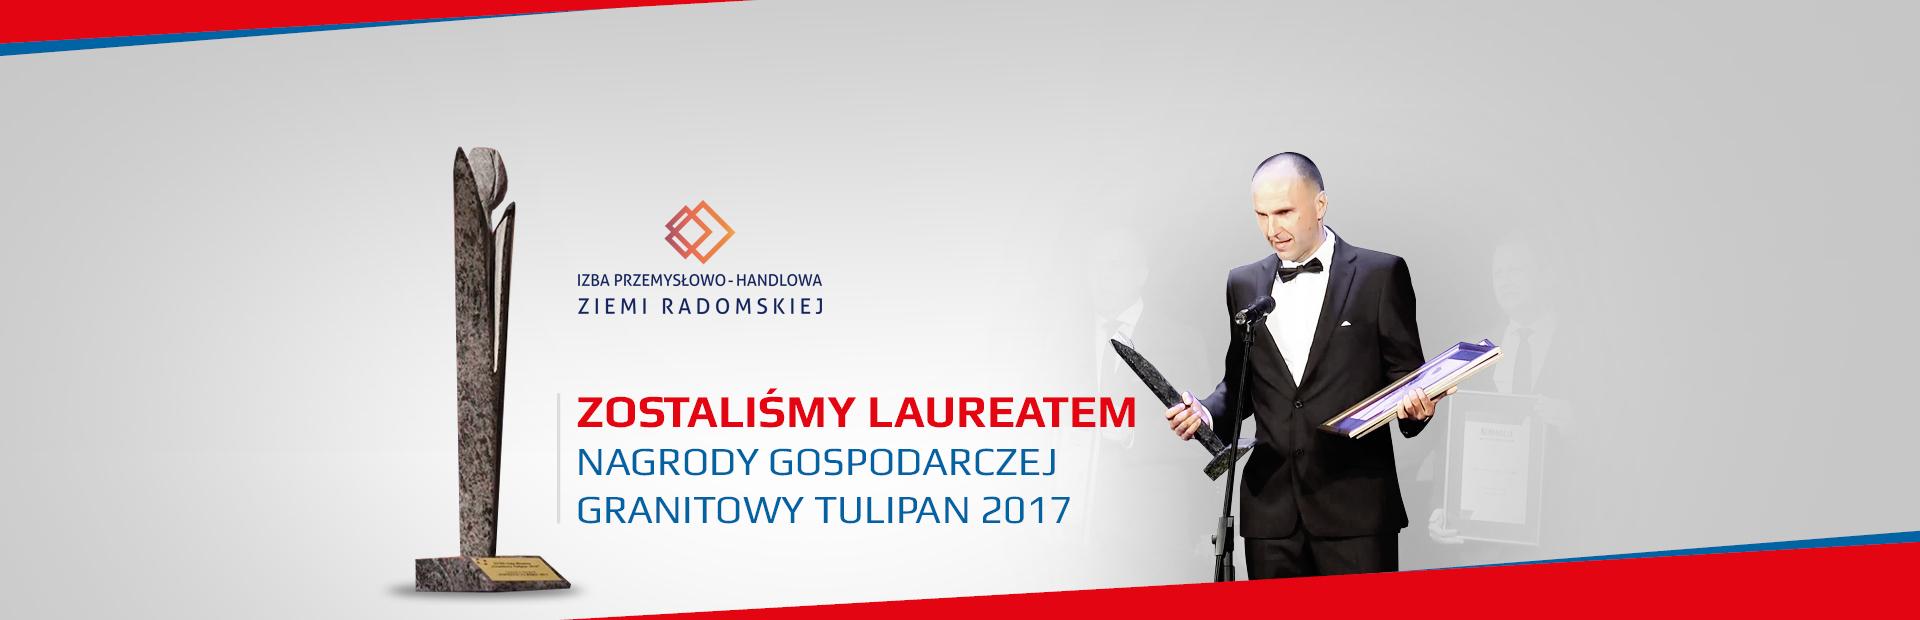 Nagroda gospodarcza Granitowy Tulipan 2017